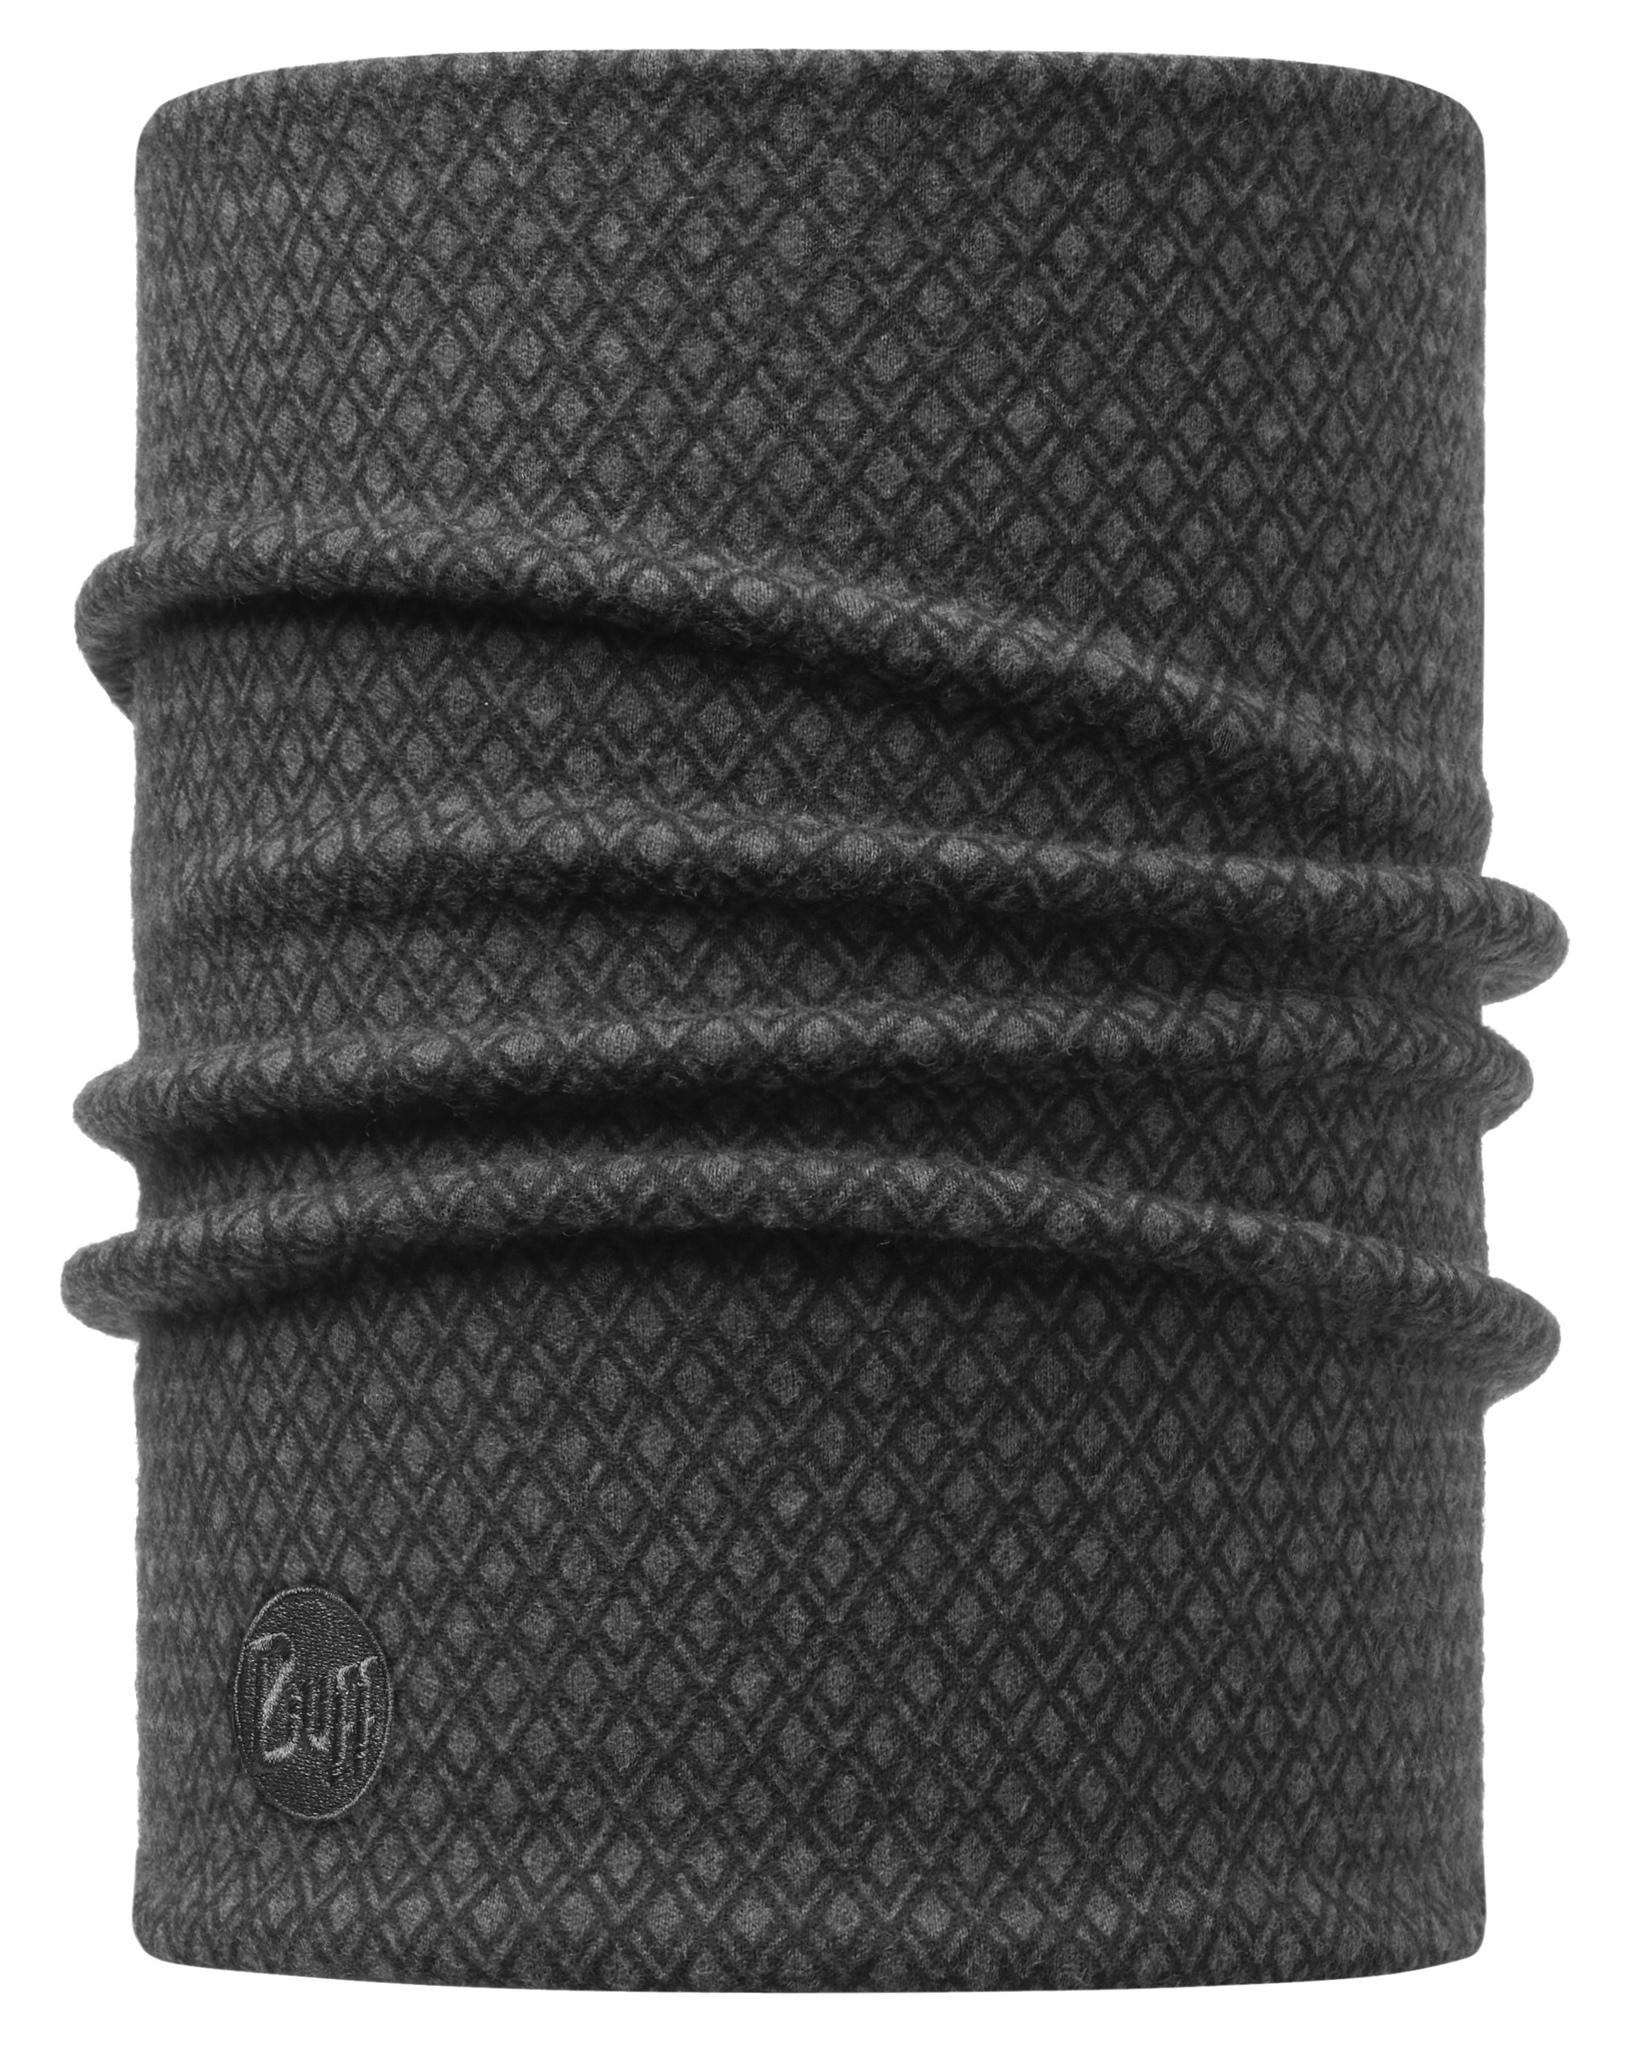 Шерстяные шарфы Теплый шерстяной шарф-труба Buff Drake Grey 115453.937.10.00.jpg